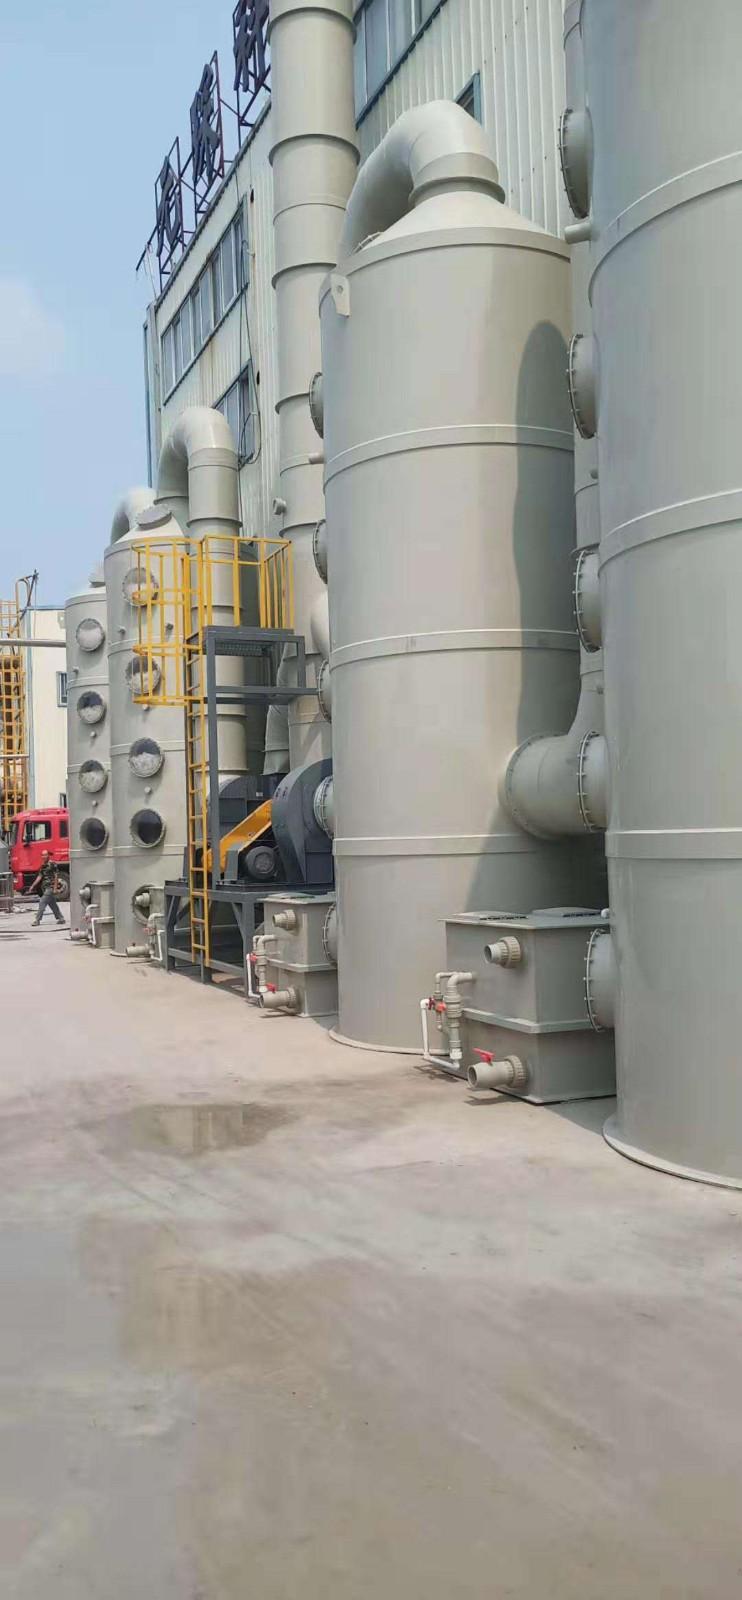 技术解析 | 探索含氮类有机废气的焚烧治理方法